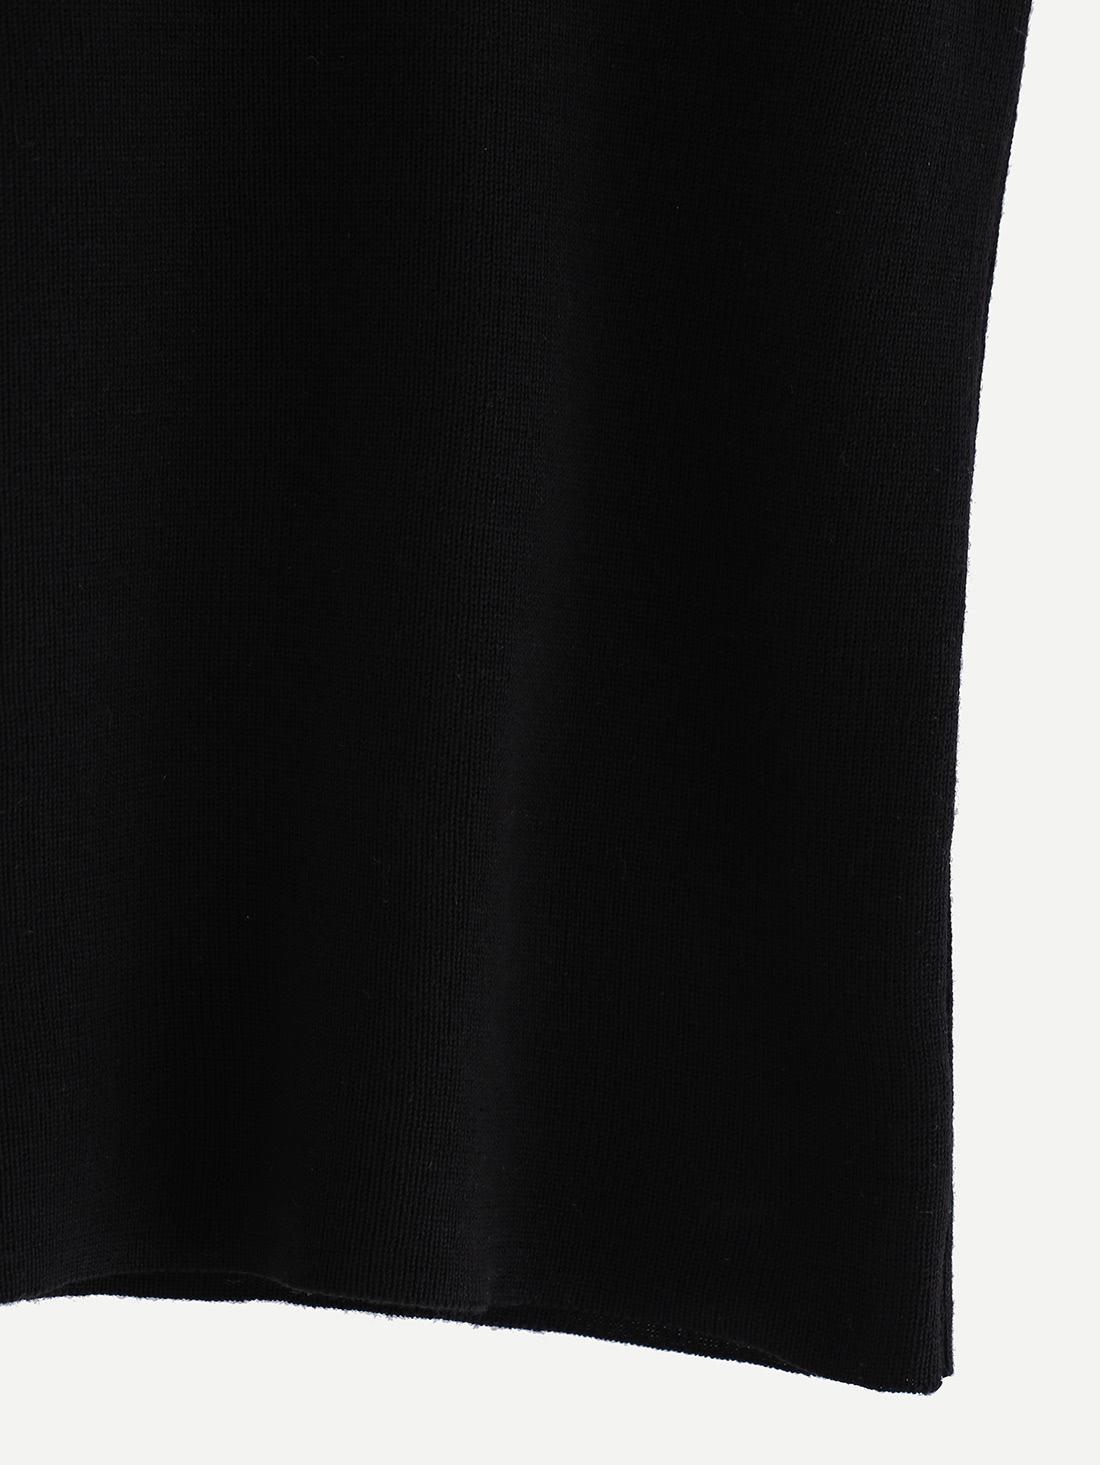 Knitted Slim Racerback Top - Black